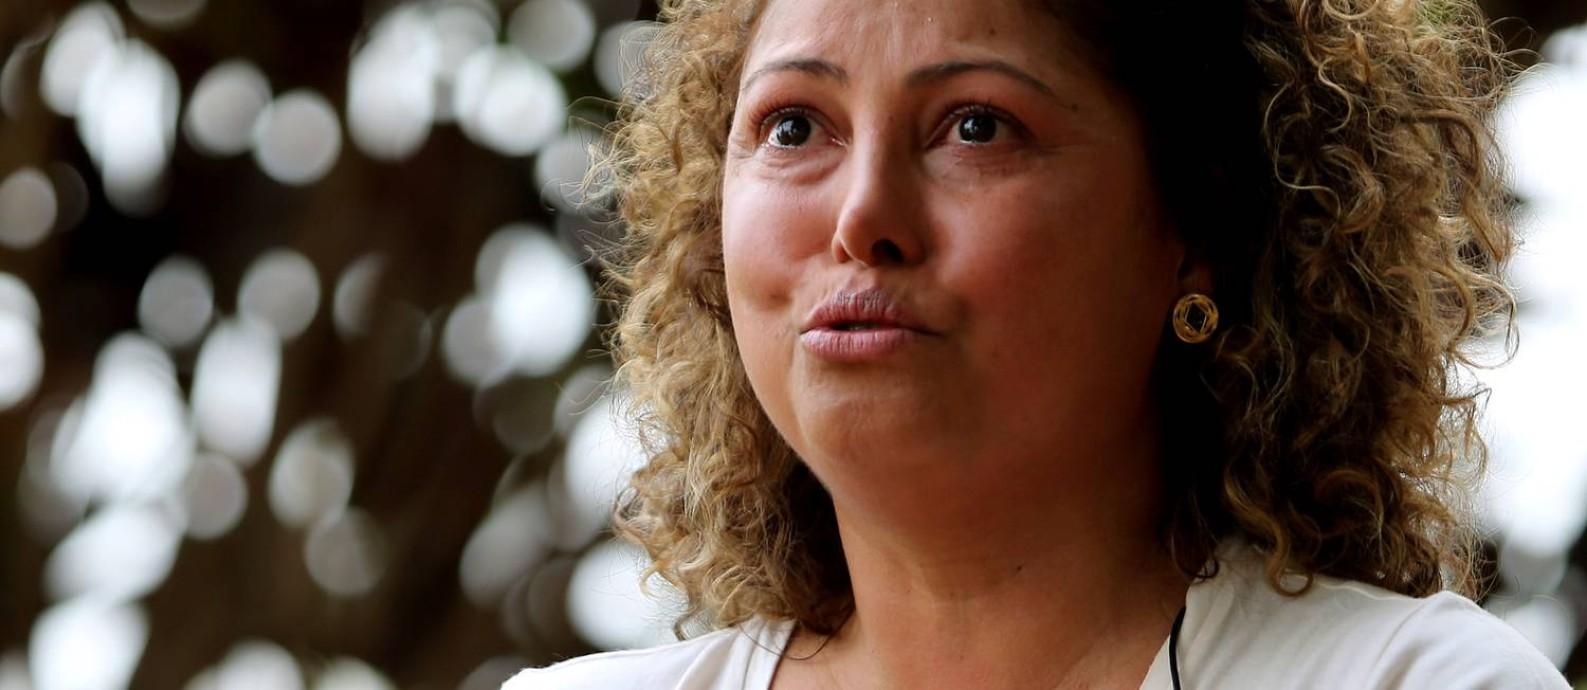 Élida Souza Matos começou em 2005 o relacionamento com Admar Gonzaga Neto, que terminou em 2017, depois de uma madrugada de violência contra ela. Foto: Jorge William / Agência O Globo